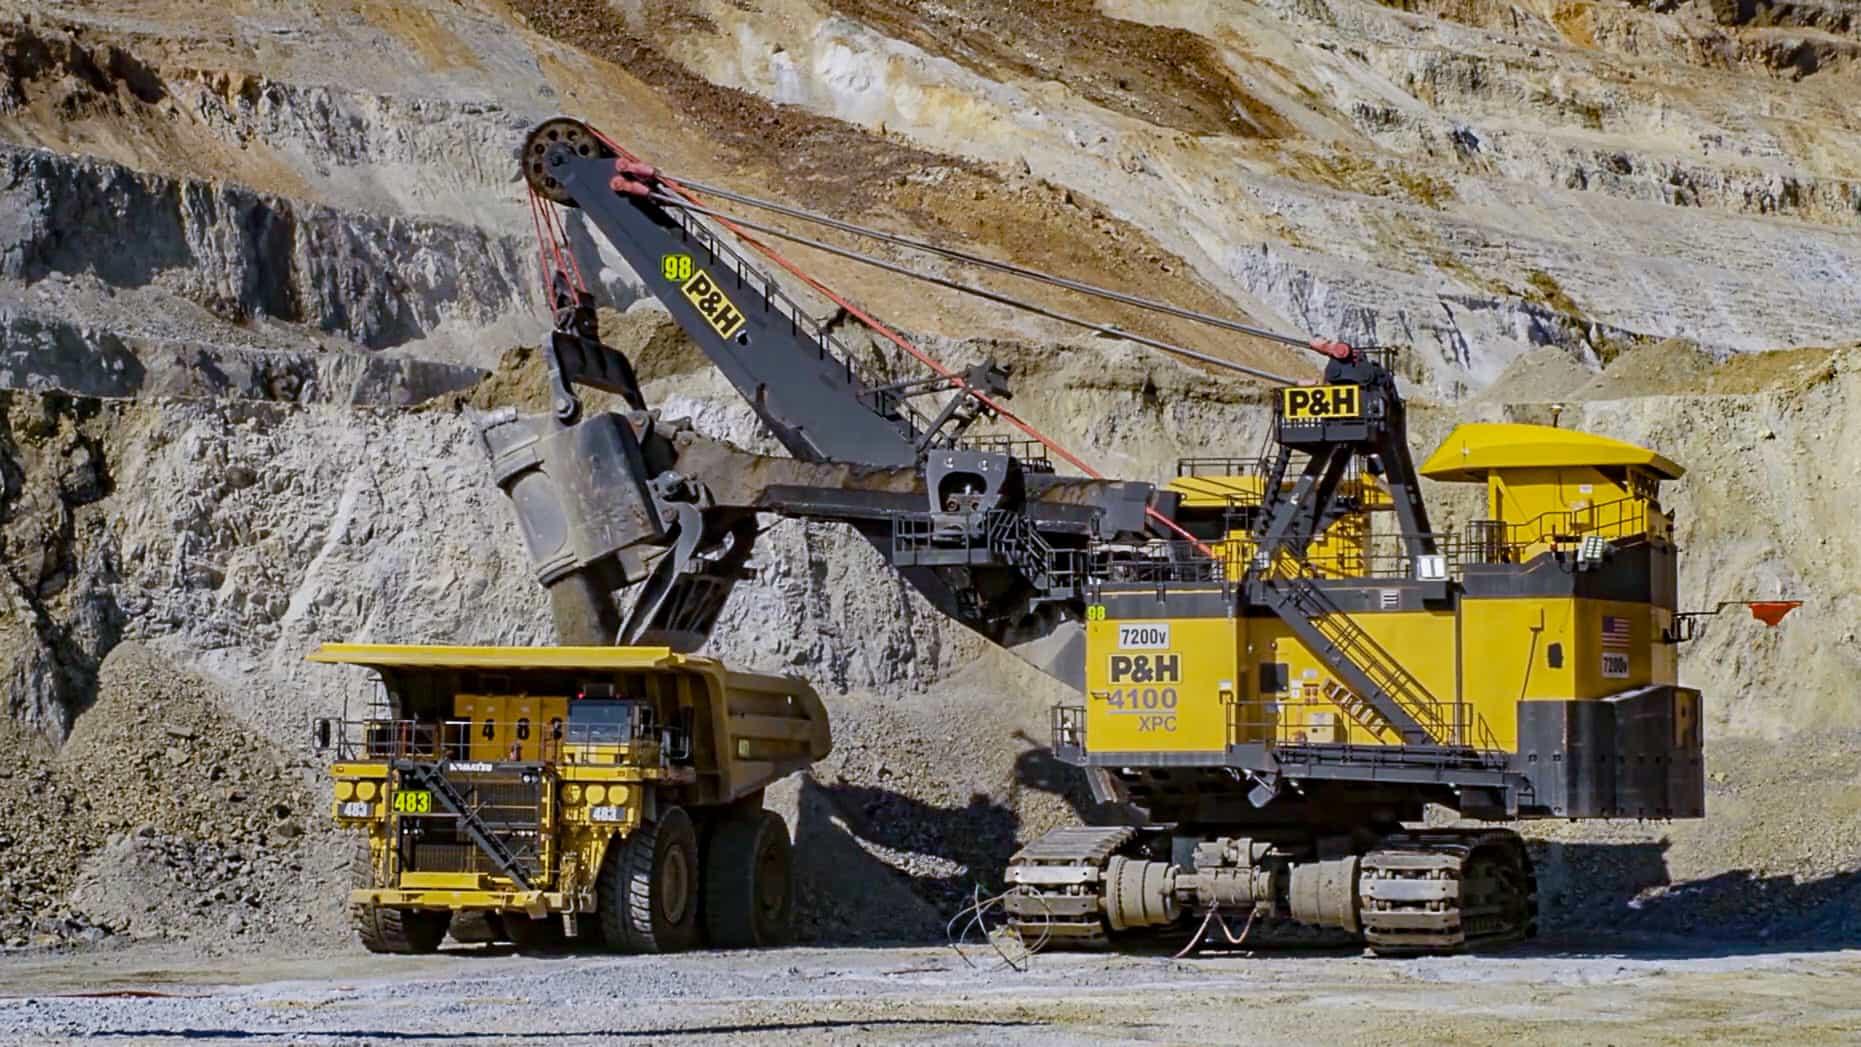 shovel loading truck LOW RES.jpg